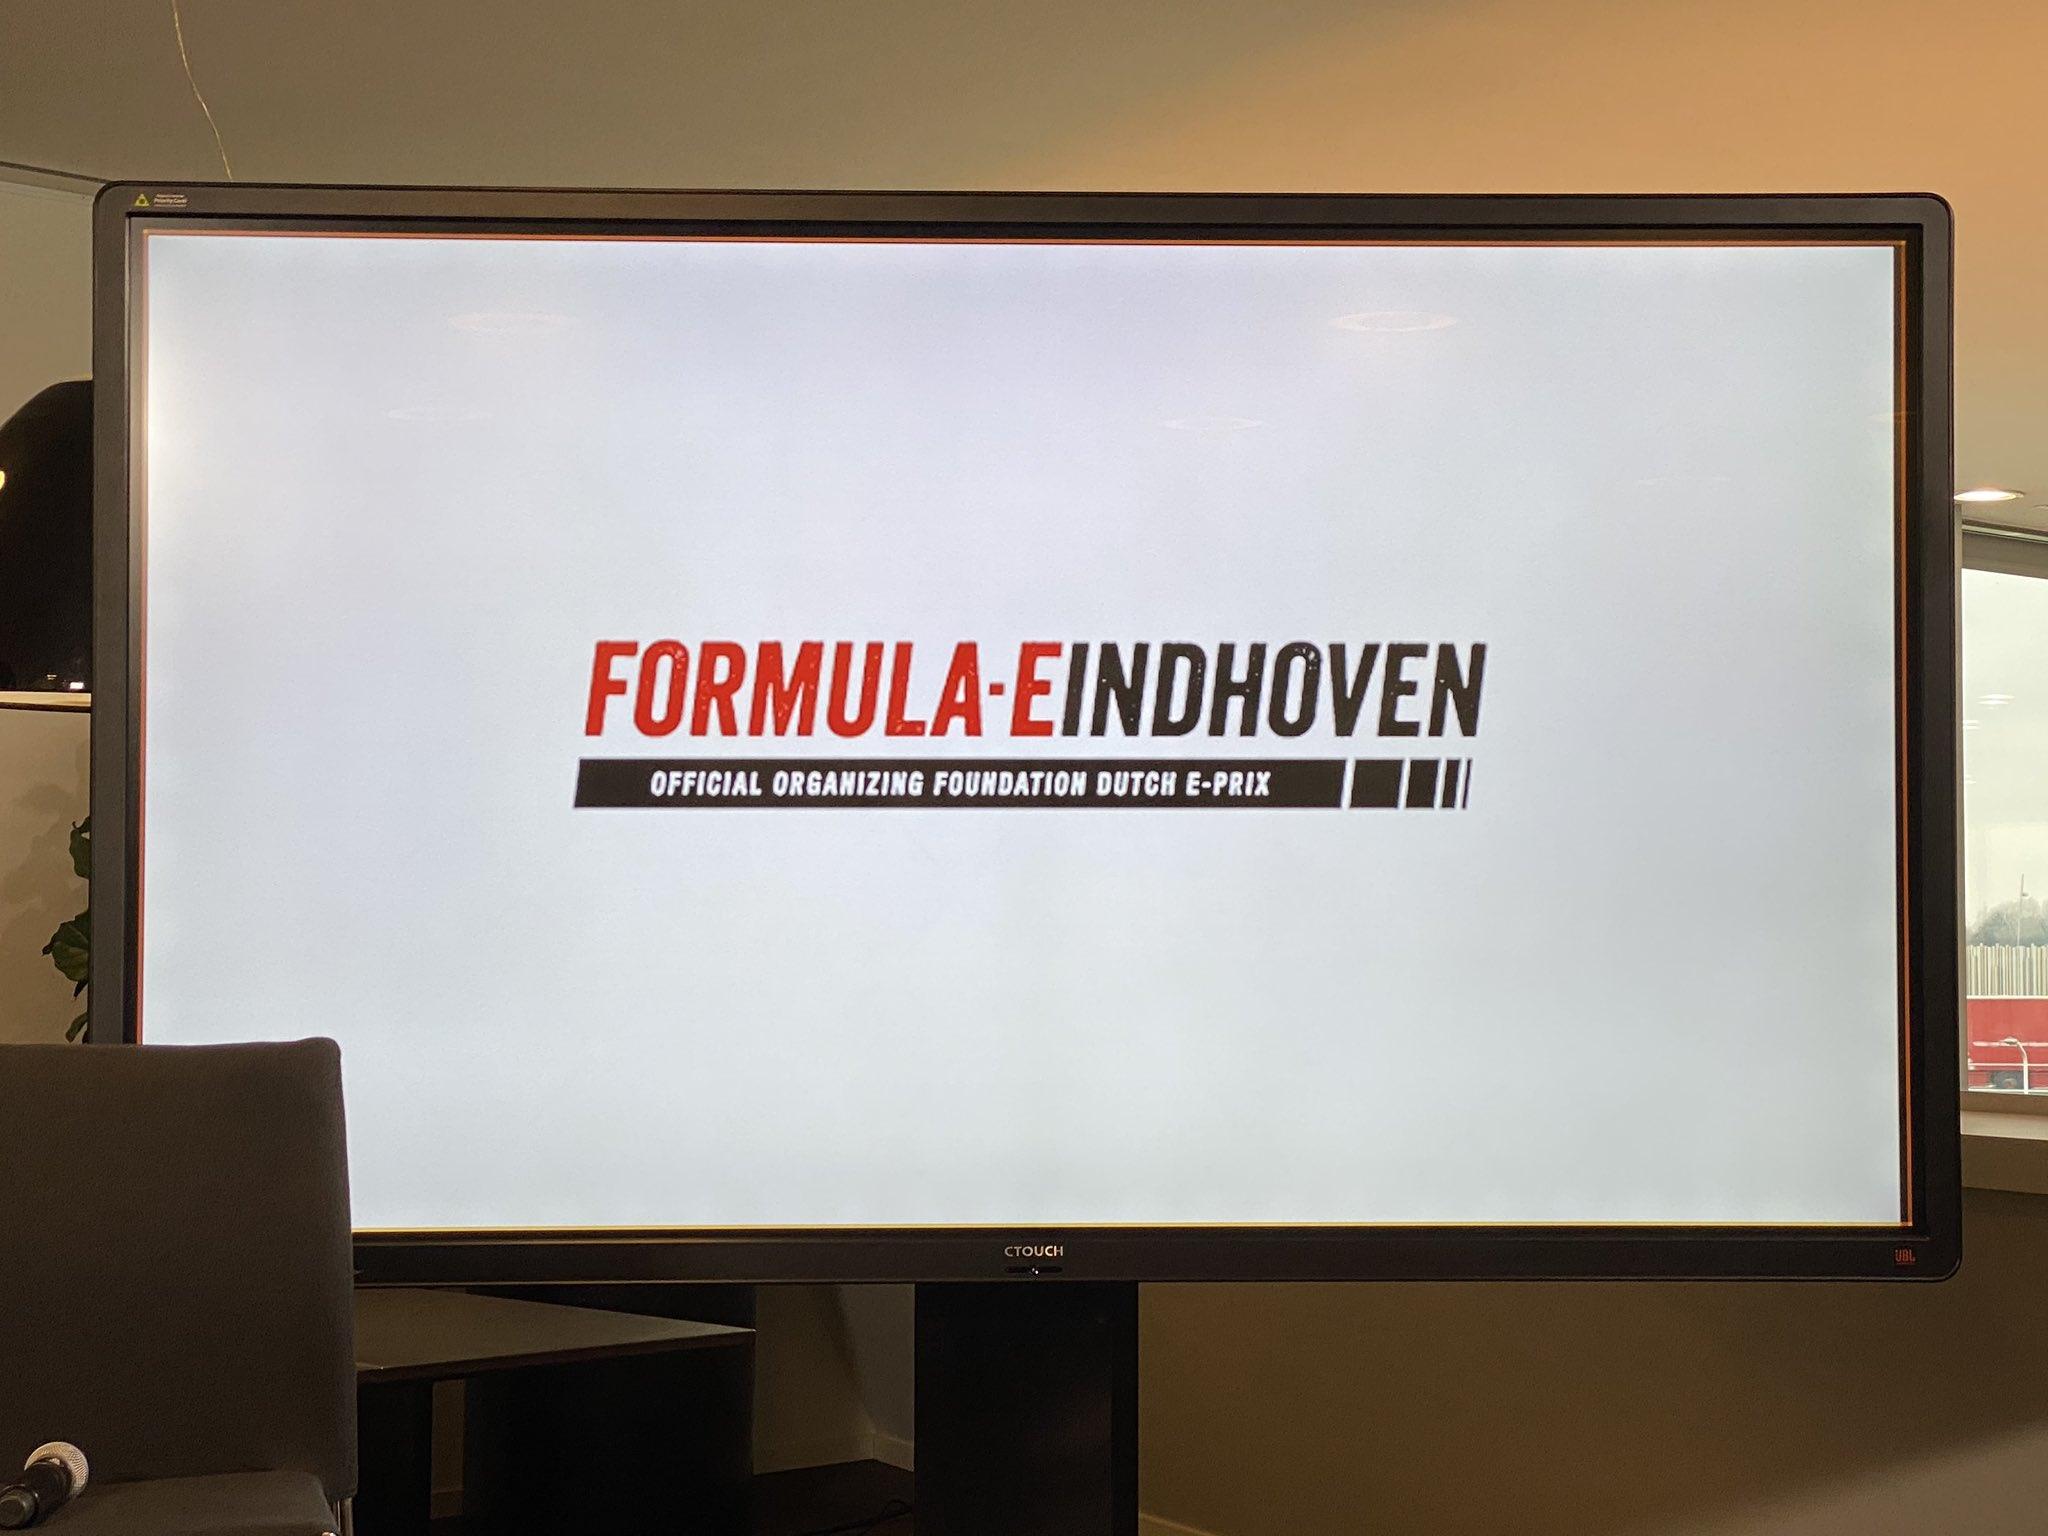 Нидерланды могут принять ночную гонку электроформул в 2021 году